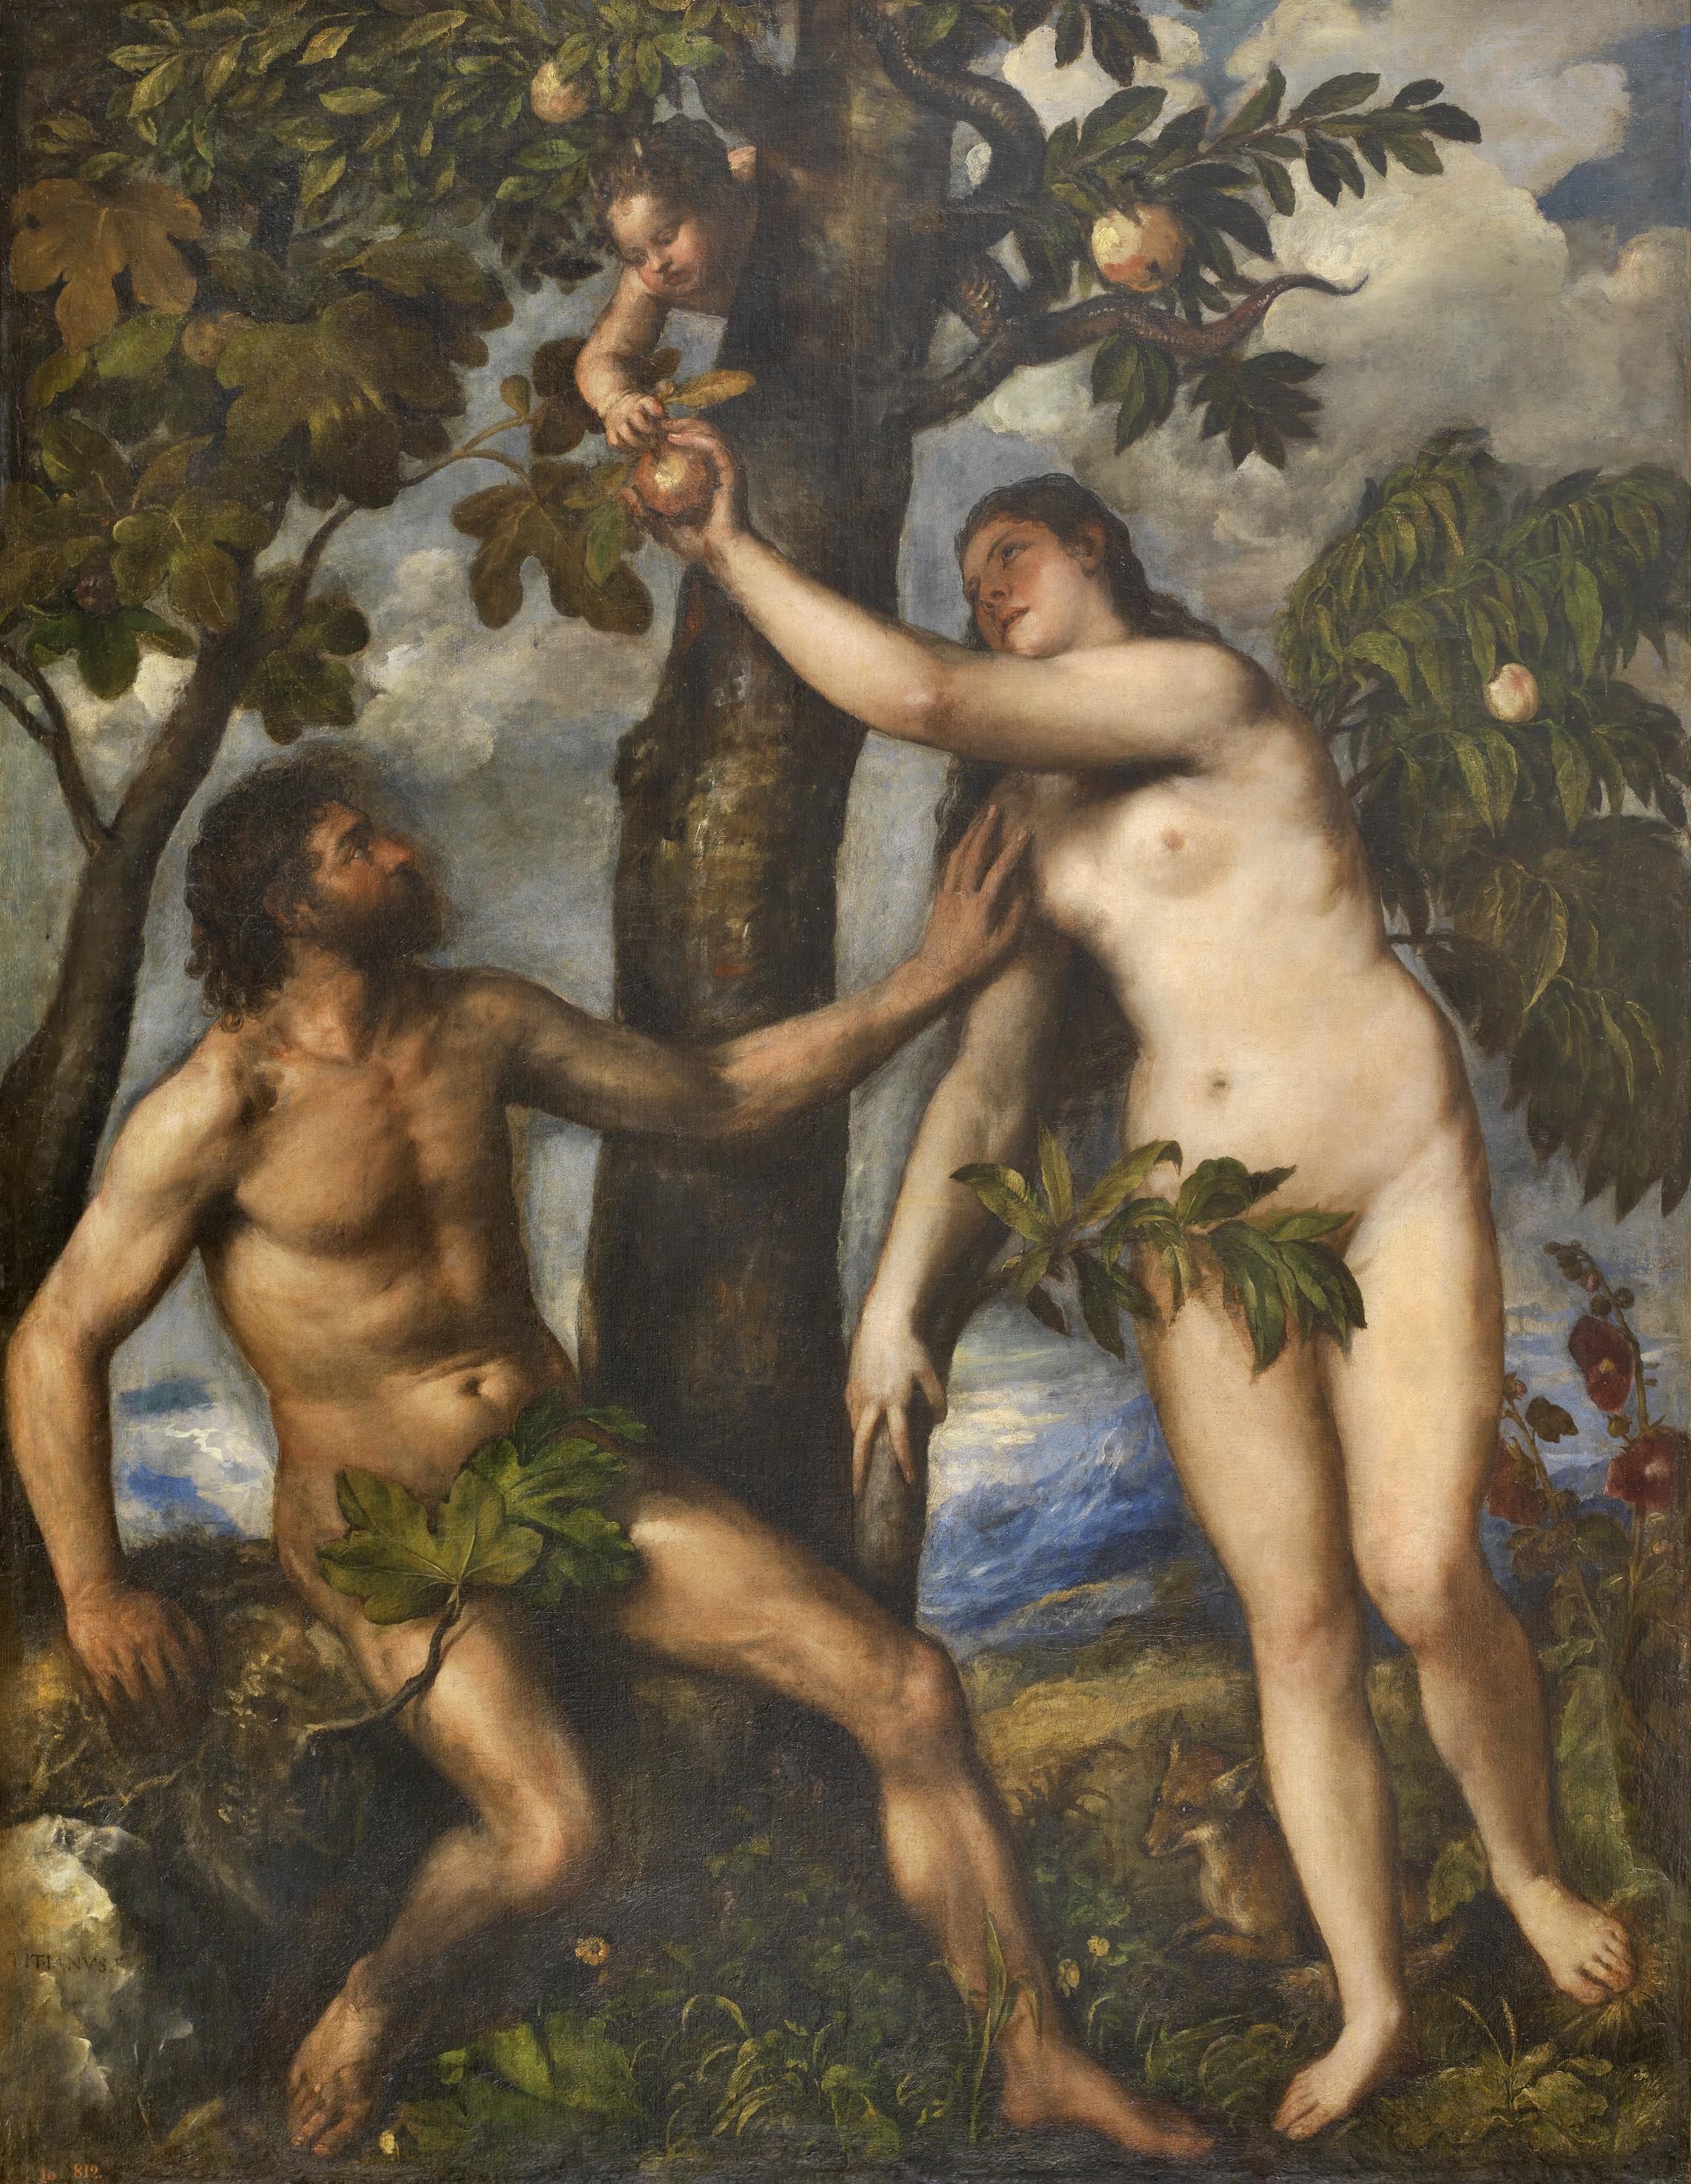 Adán Y Eva En El Paraíso Terrenal Tiziano Wikipedia La Enciclopedia Libre